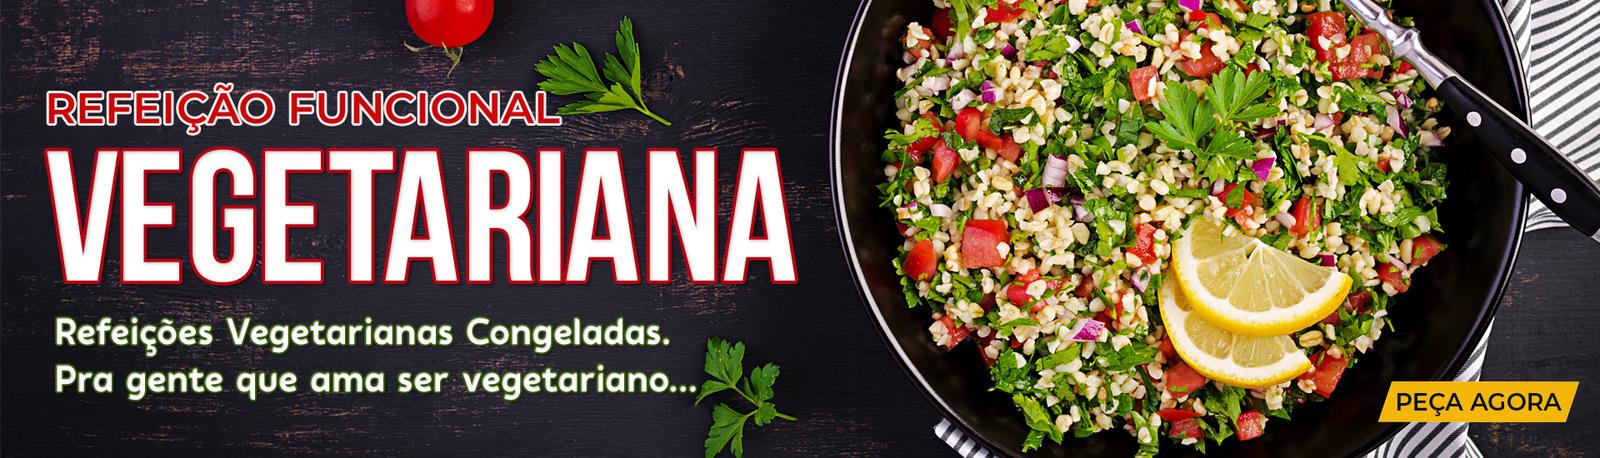 vegetariano_banner